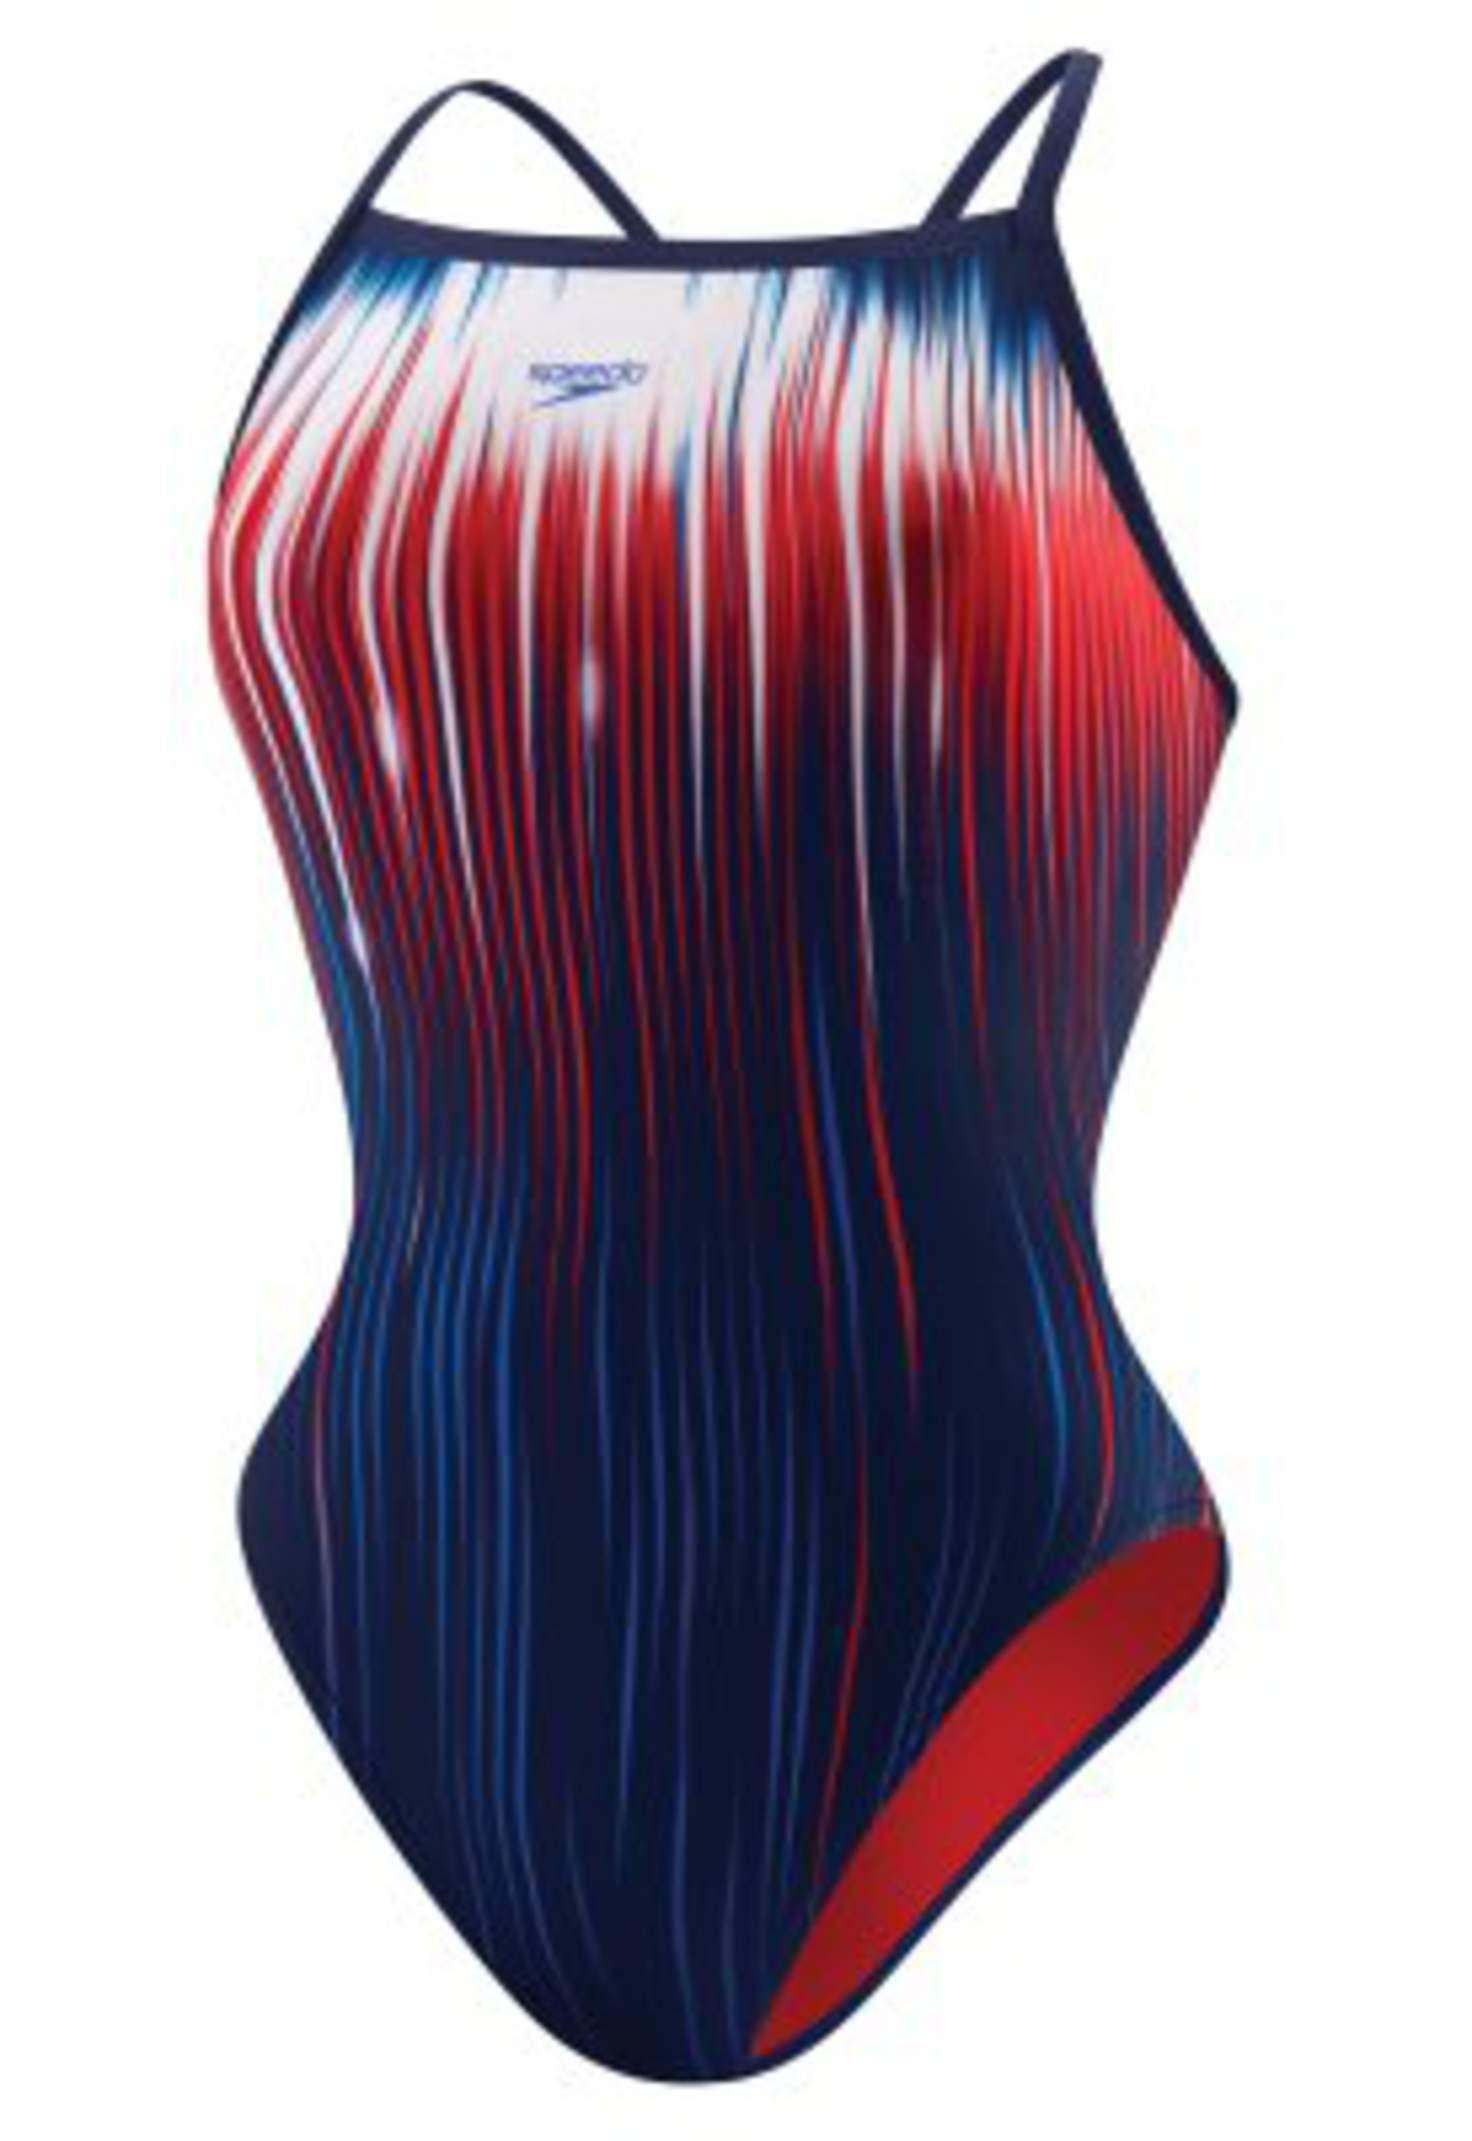 bb9c245f0 Power Sprint Flyback – Speedo® Endurance+ - Performance - Speedo USA  SwimwearSpeedo USA - Women  Shop By Category  Swimwear  Performance  Power  Sprint ...